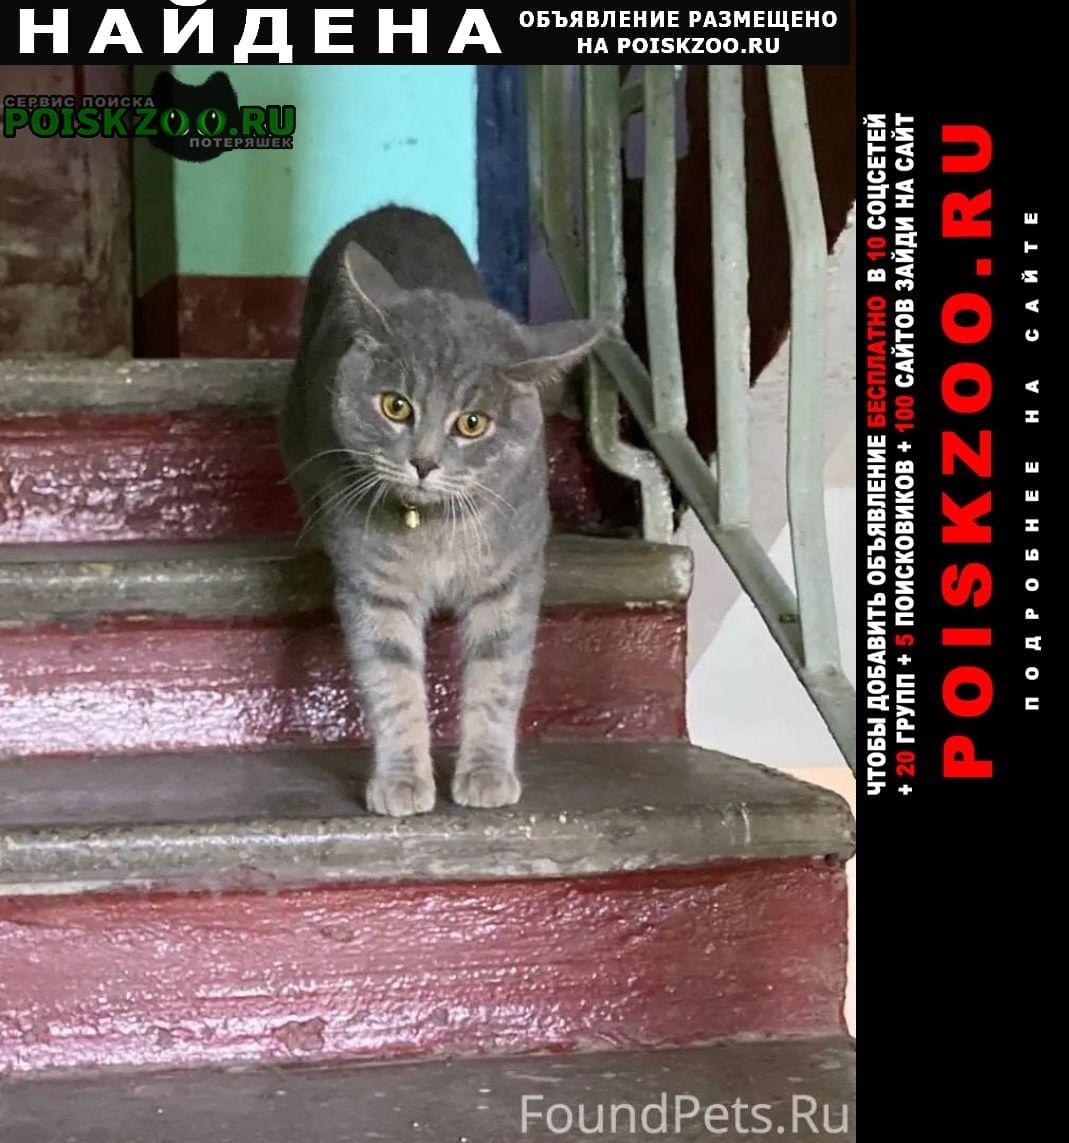 Найдена кошка кот, в ошейнике красном Москва